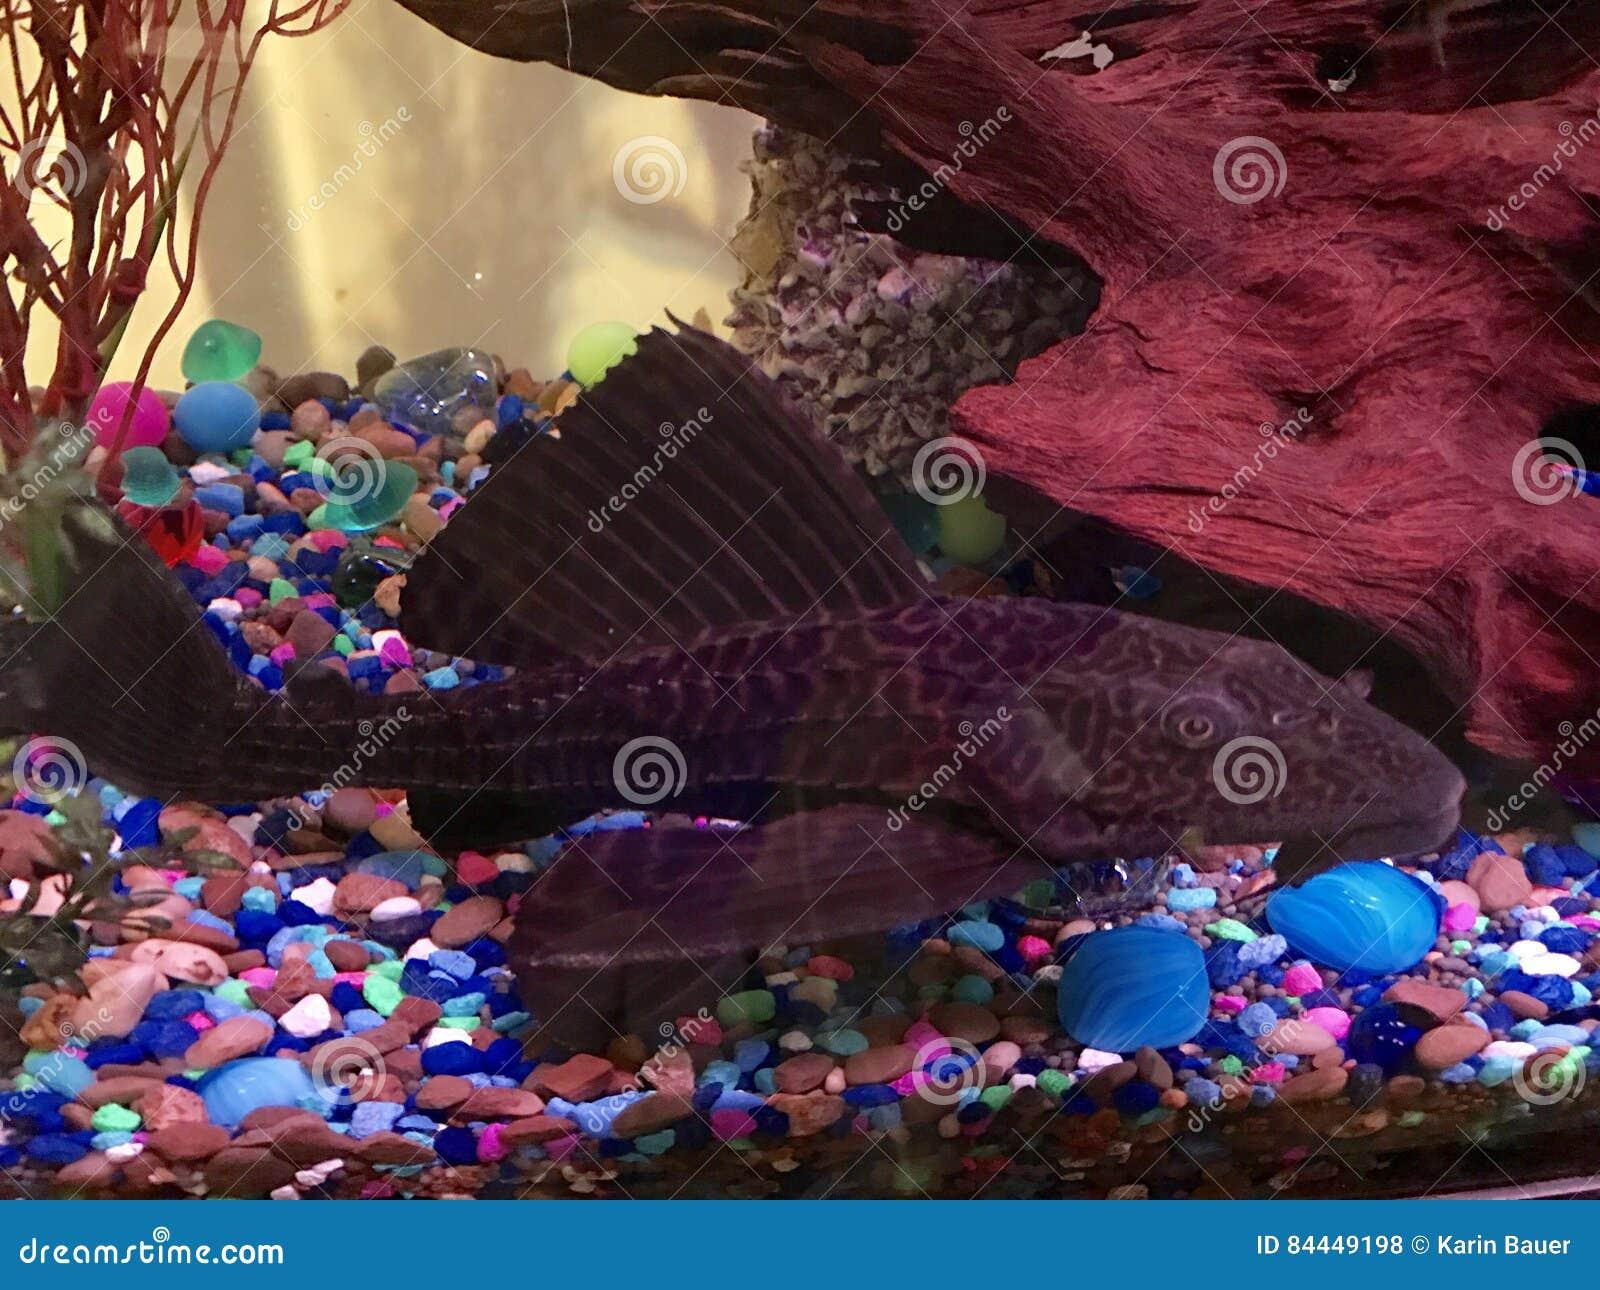 Plecostomous prenant un repos dans le réservoir